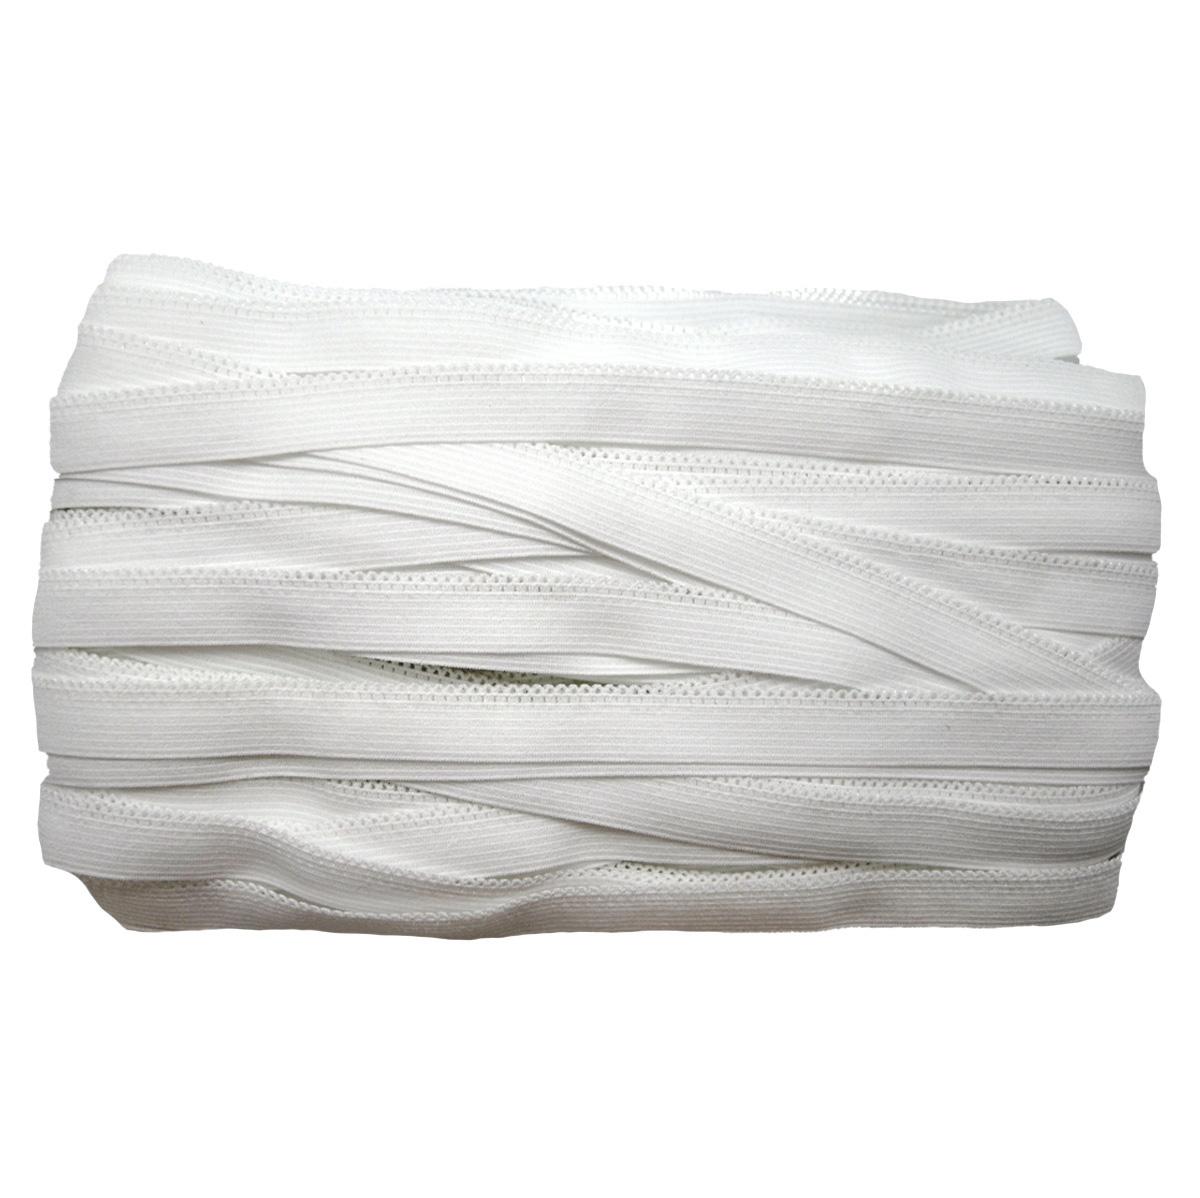 ST/14 эластичная ажурная лента 12мм*50м, белый